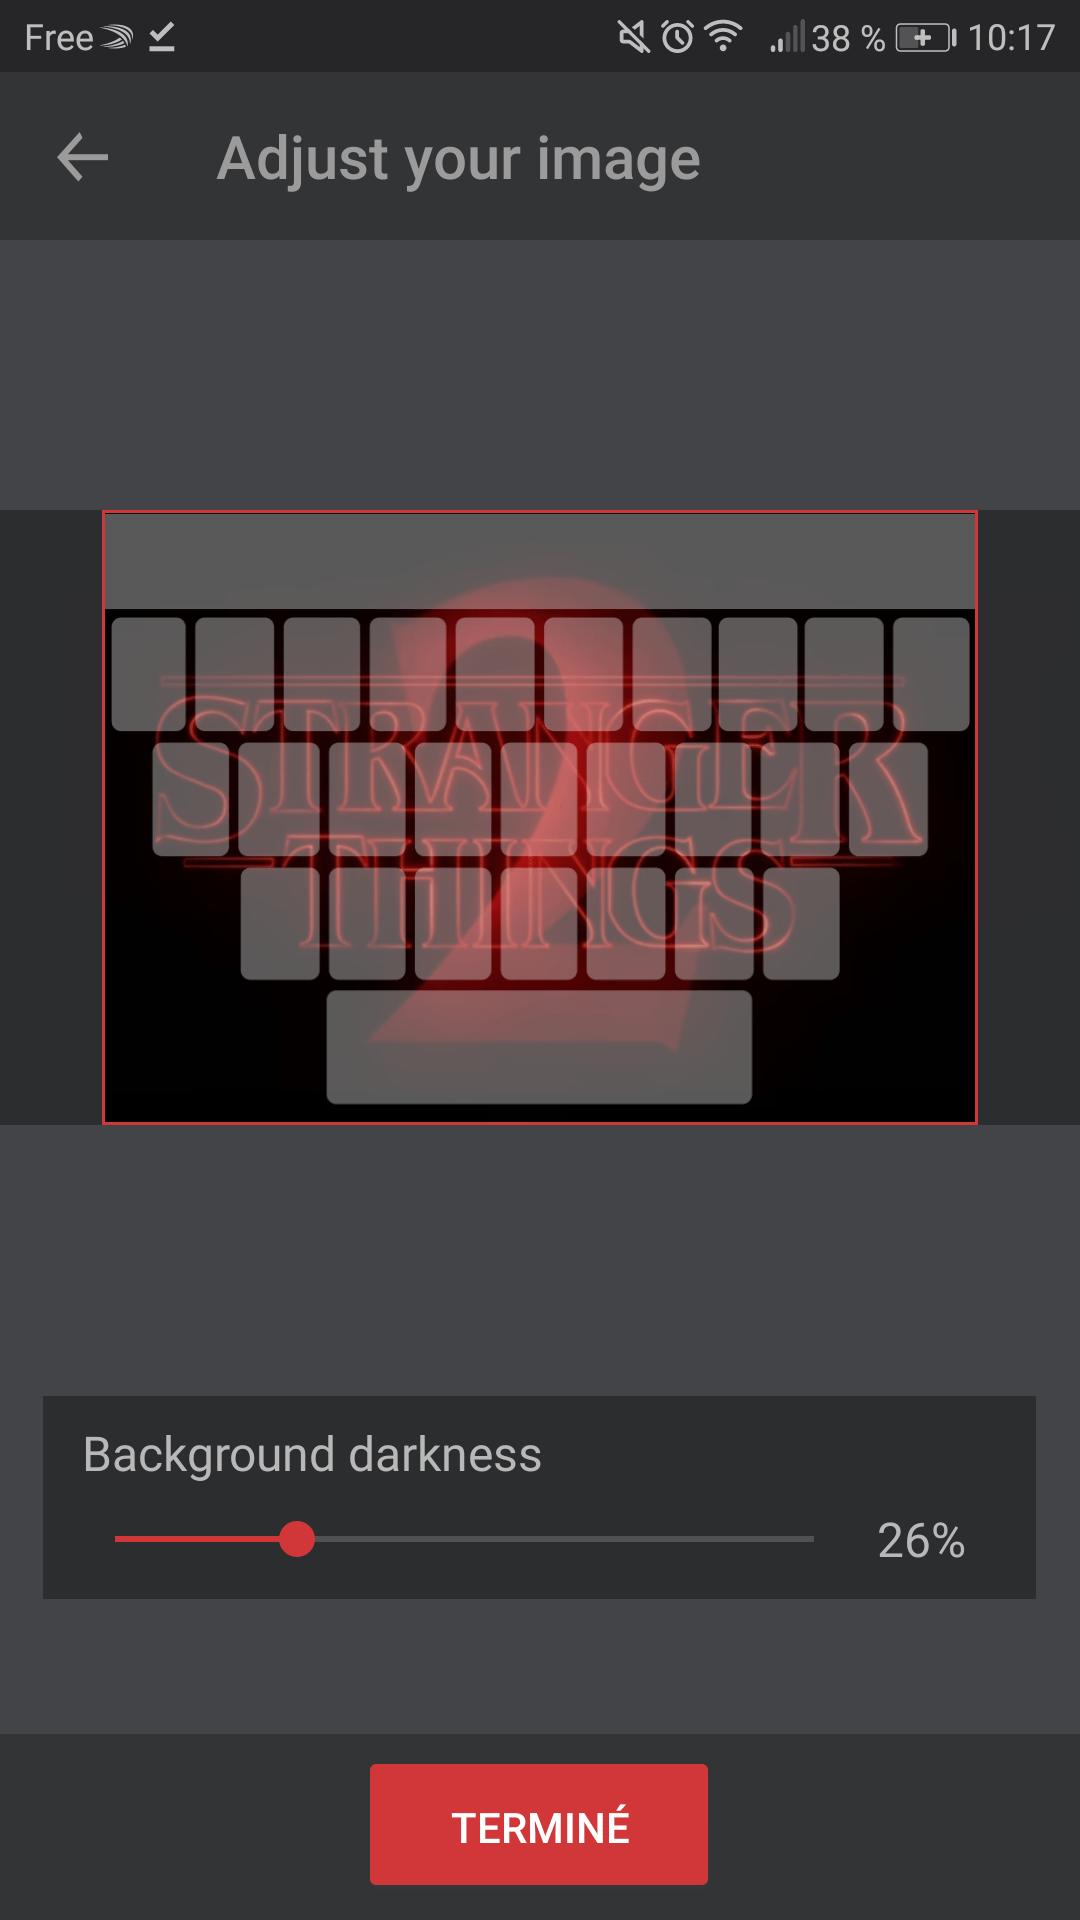 Swiftkey personnalisez votre clavier avec vos propres for Concevez vos propres plans de garage gratuitement